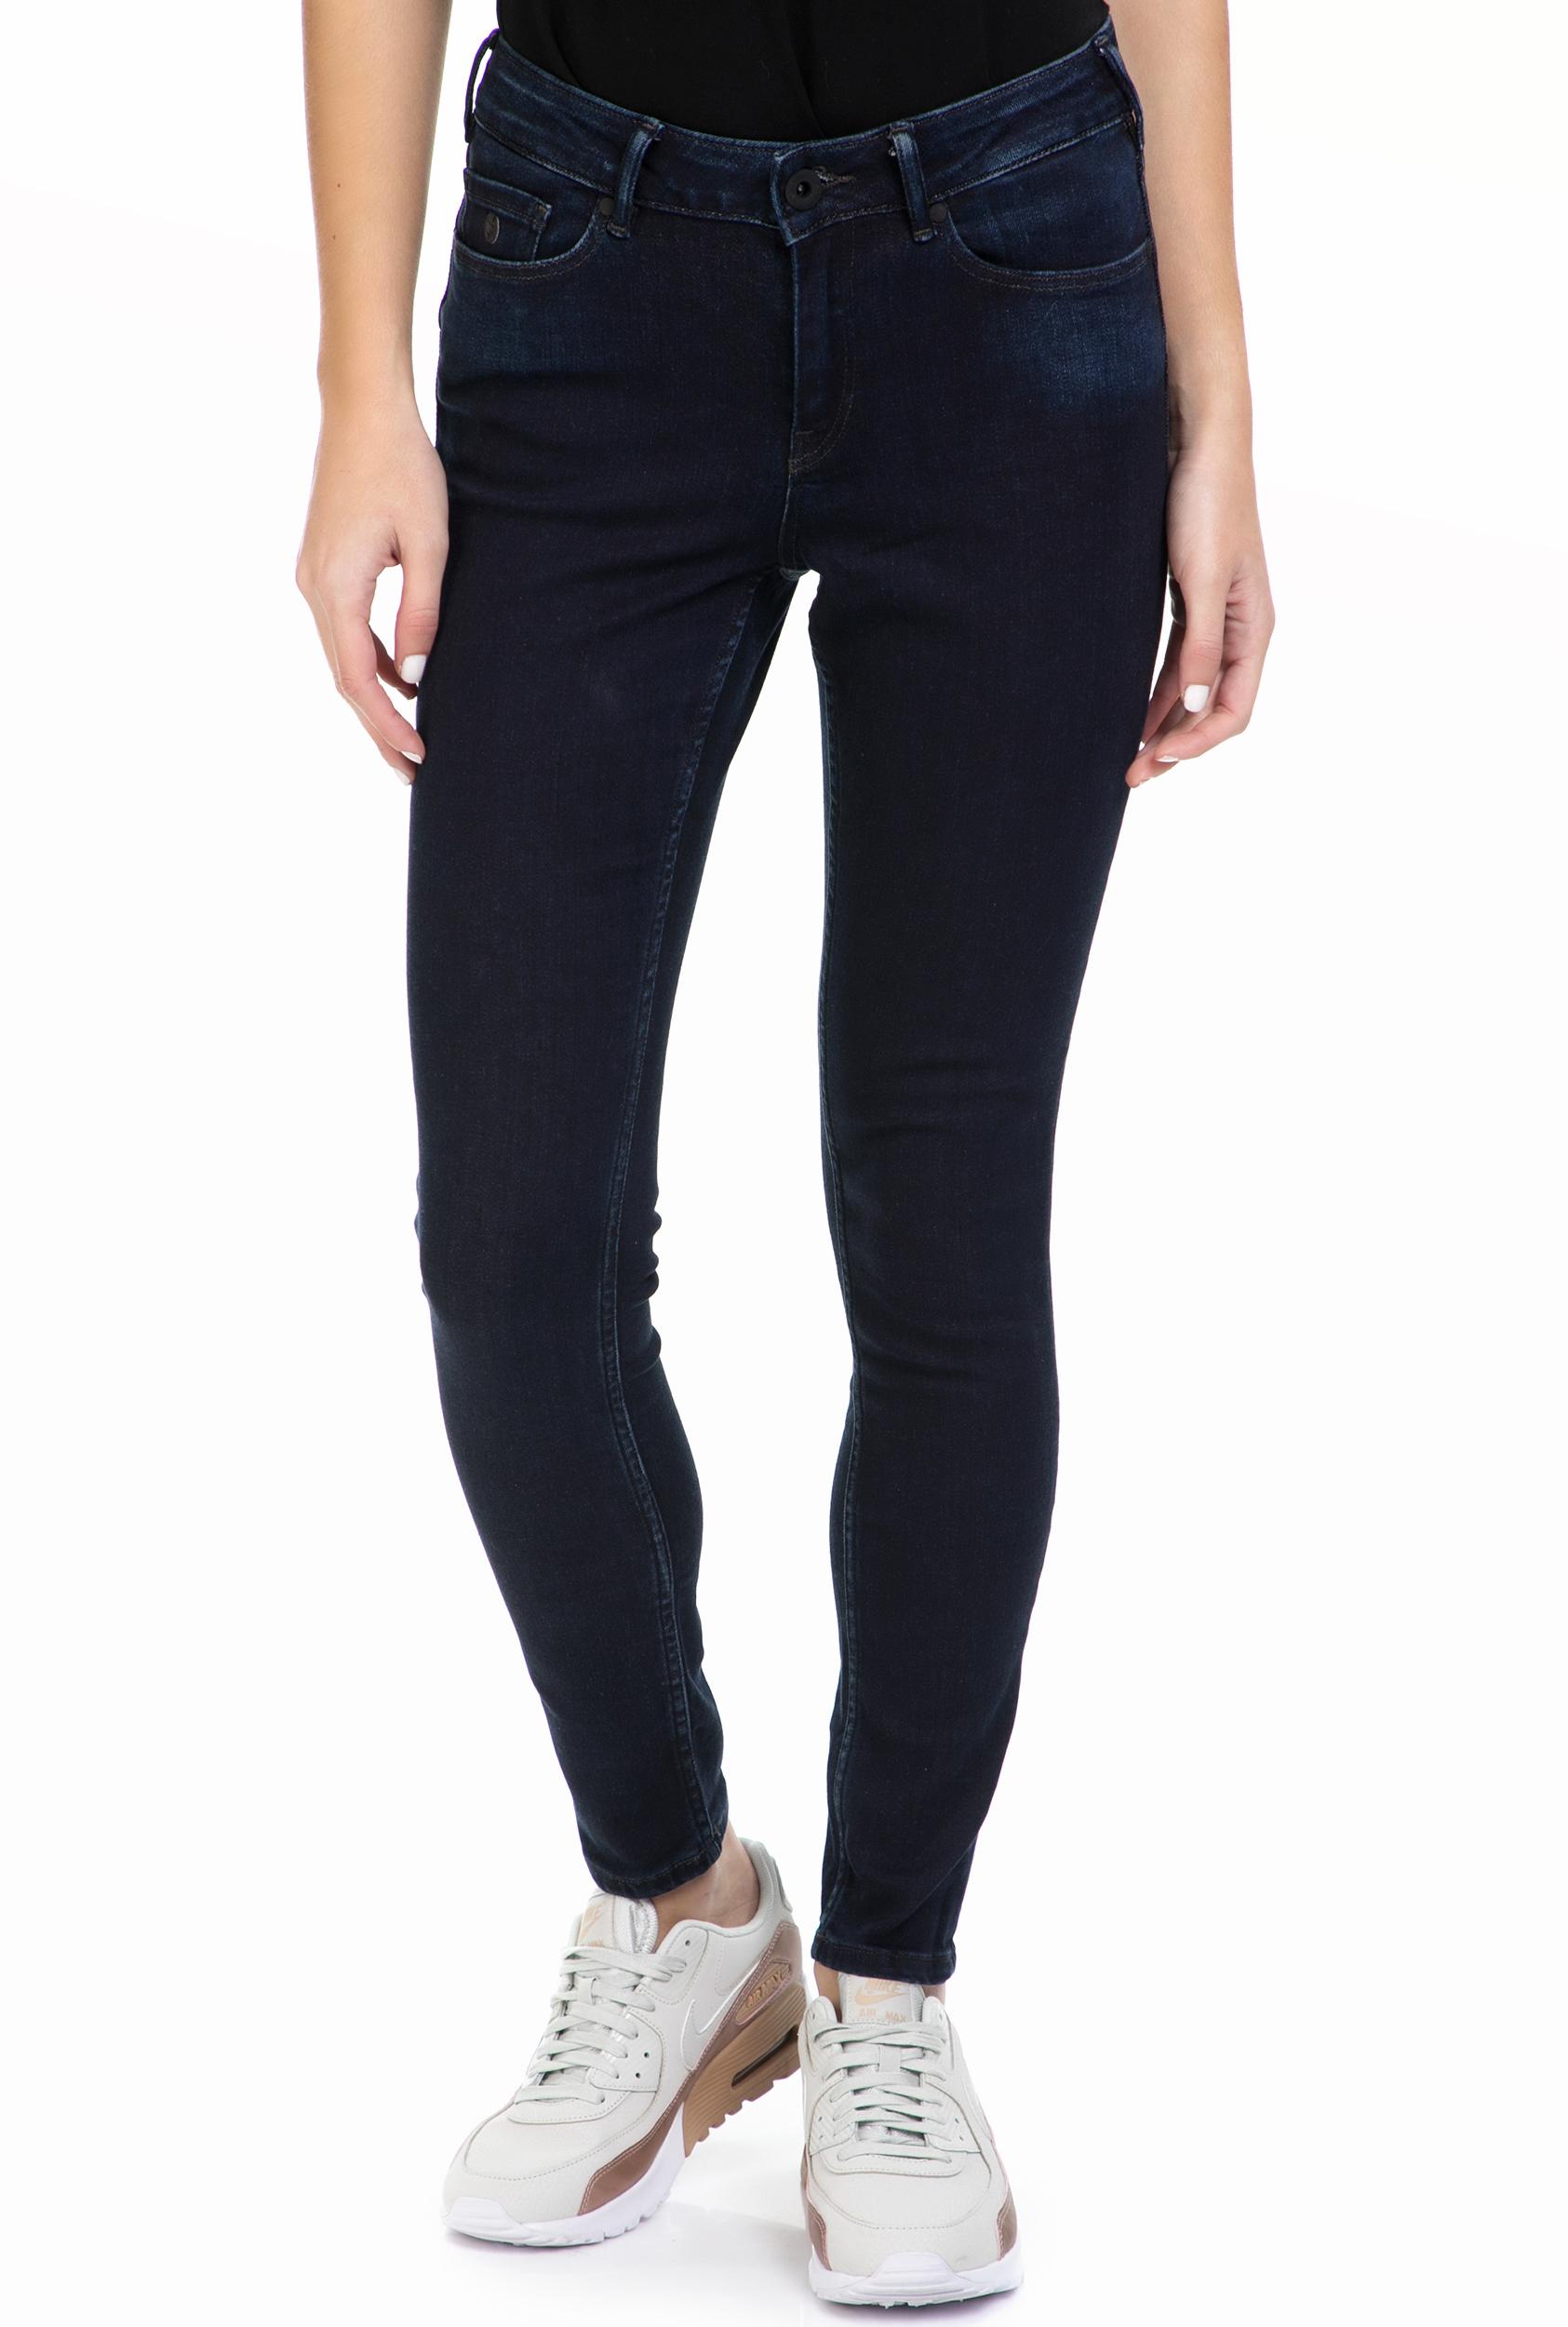 debdc5e7dc4 SCOTCH & SODA - Γυναικείο τζιν παντελόνι NOS - La Bohemienne - Eternal  SCOTCH & SODA